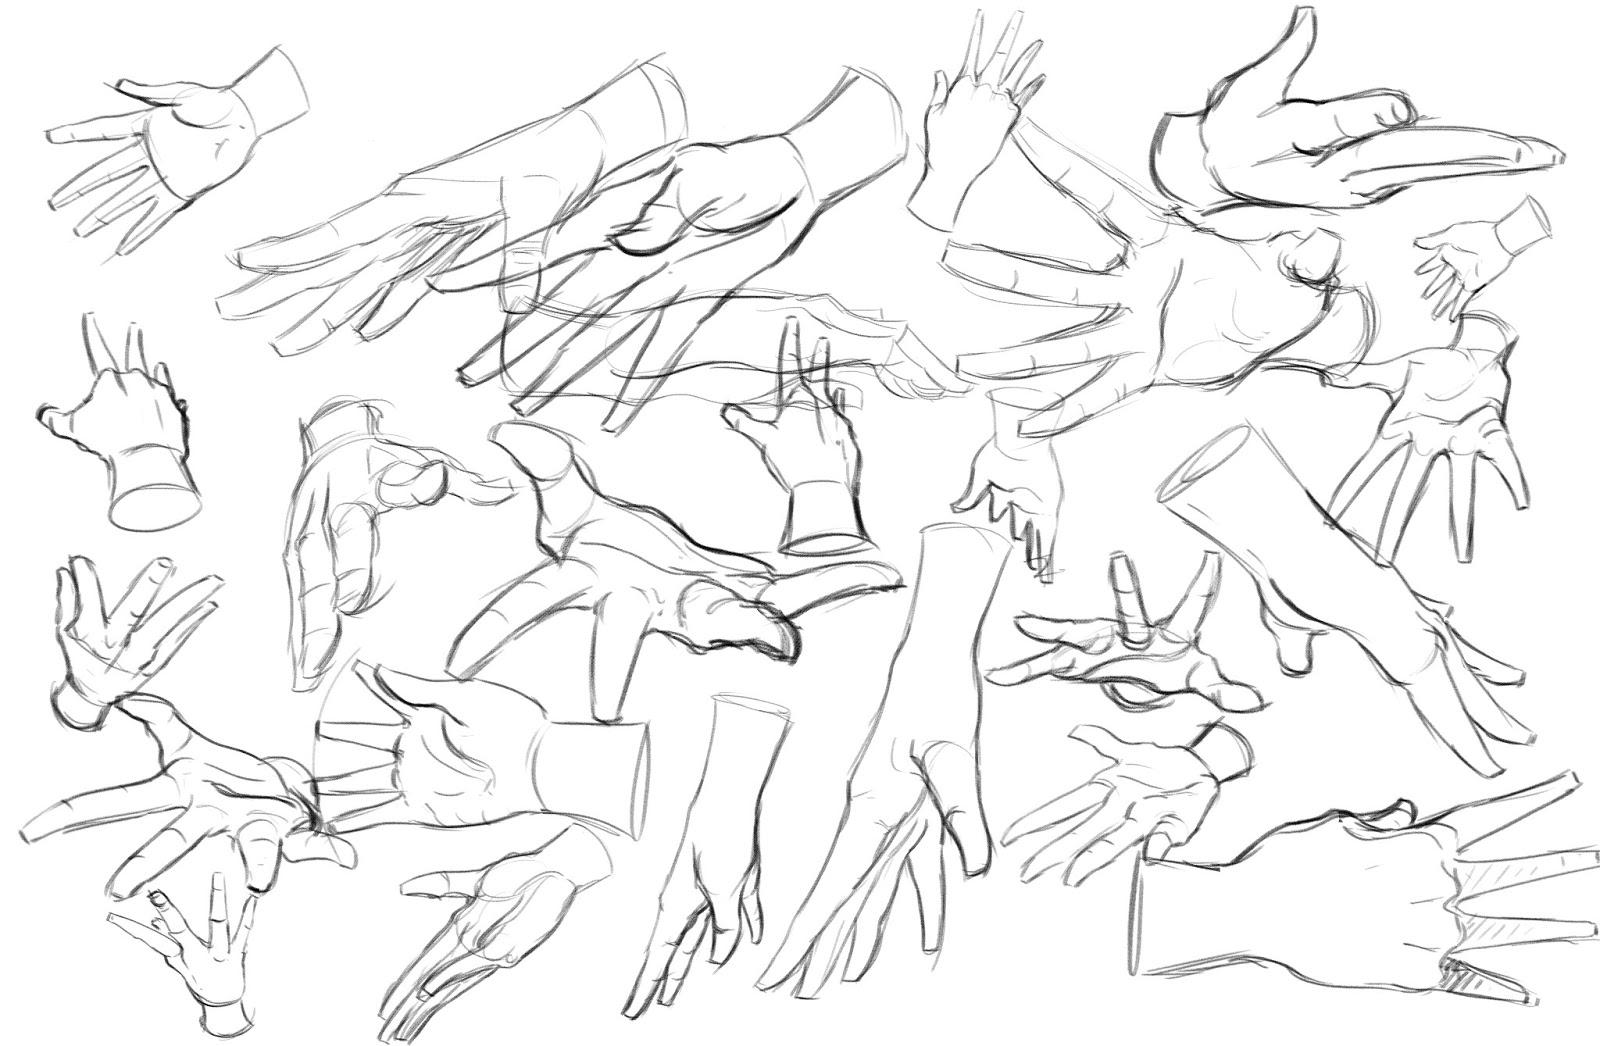 AHRT BLÜG: Anatomy Tuesday: Hands